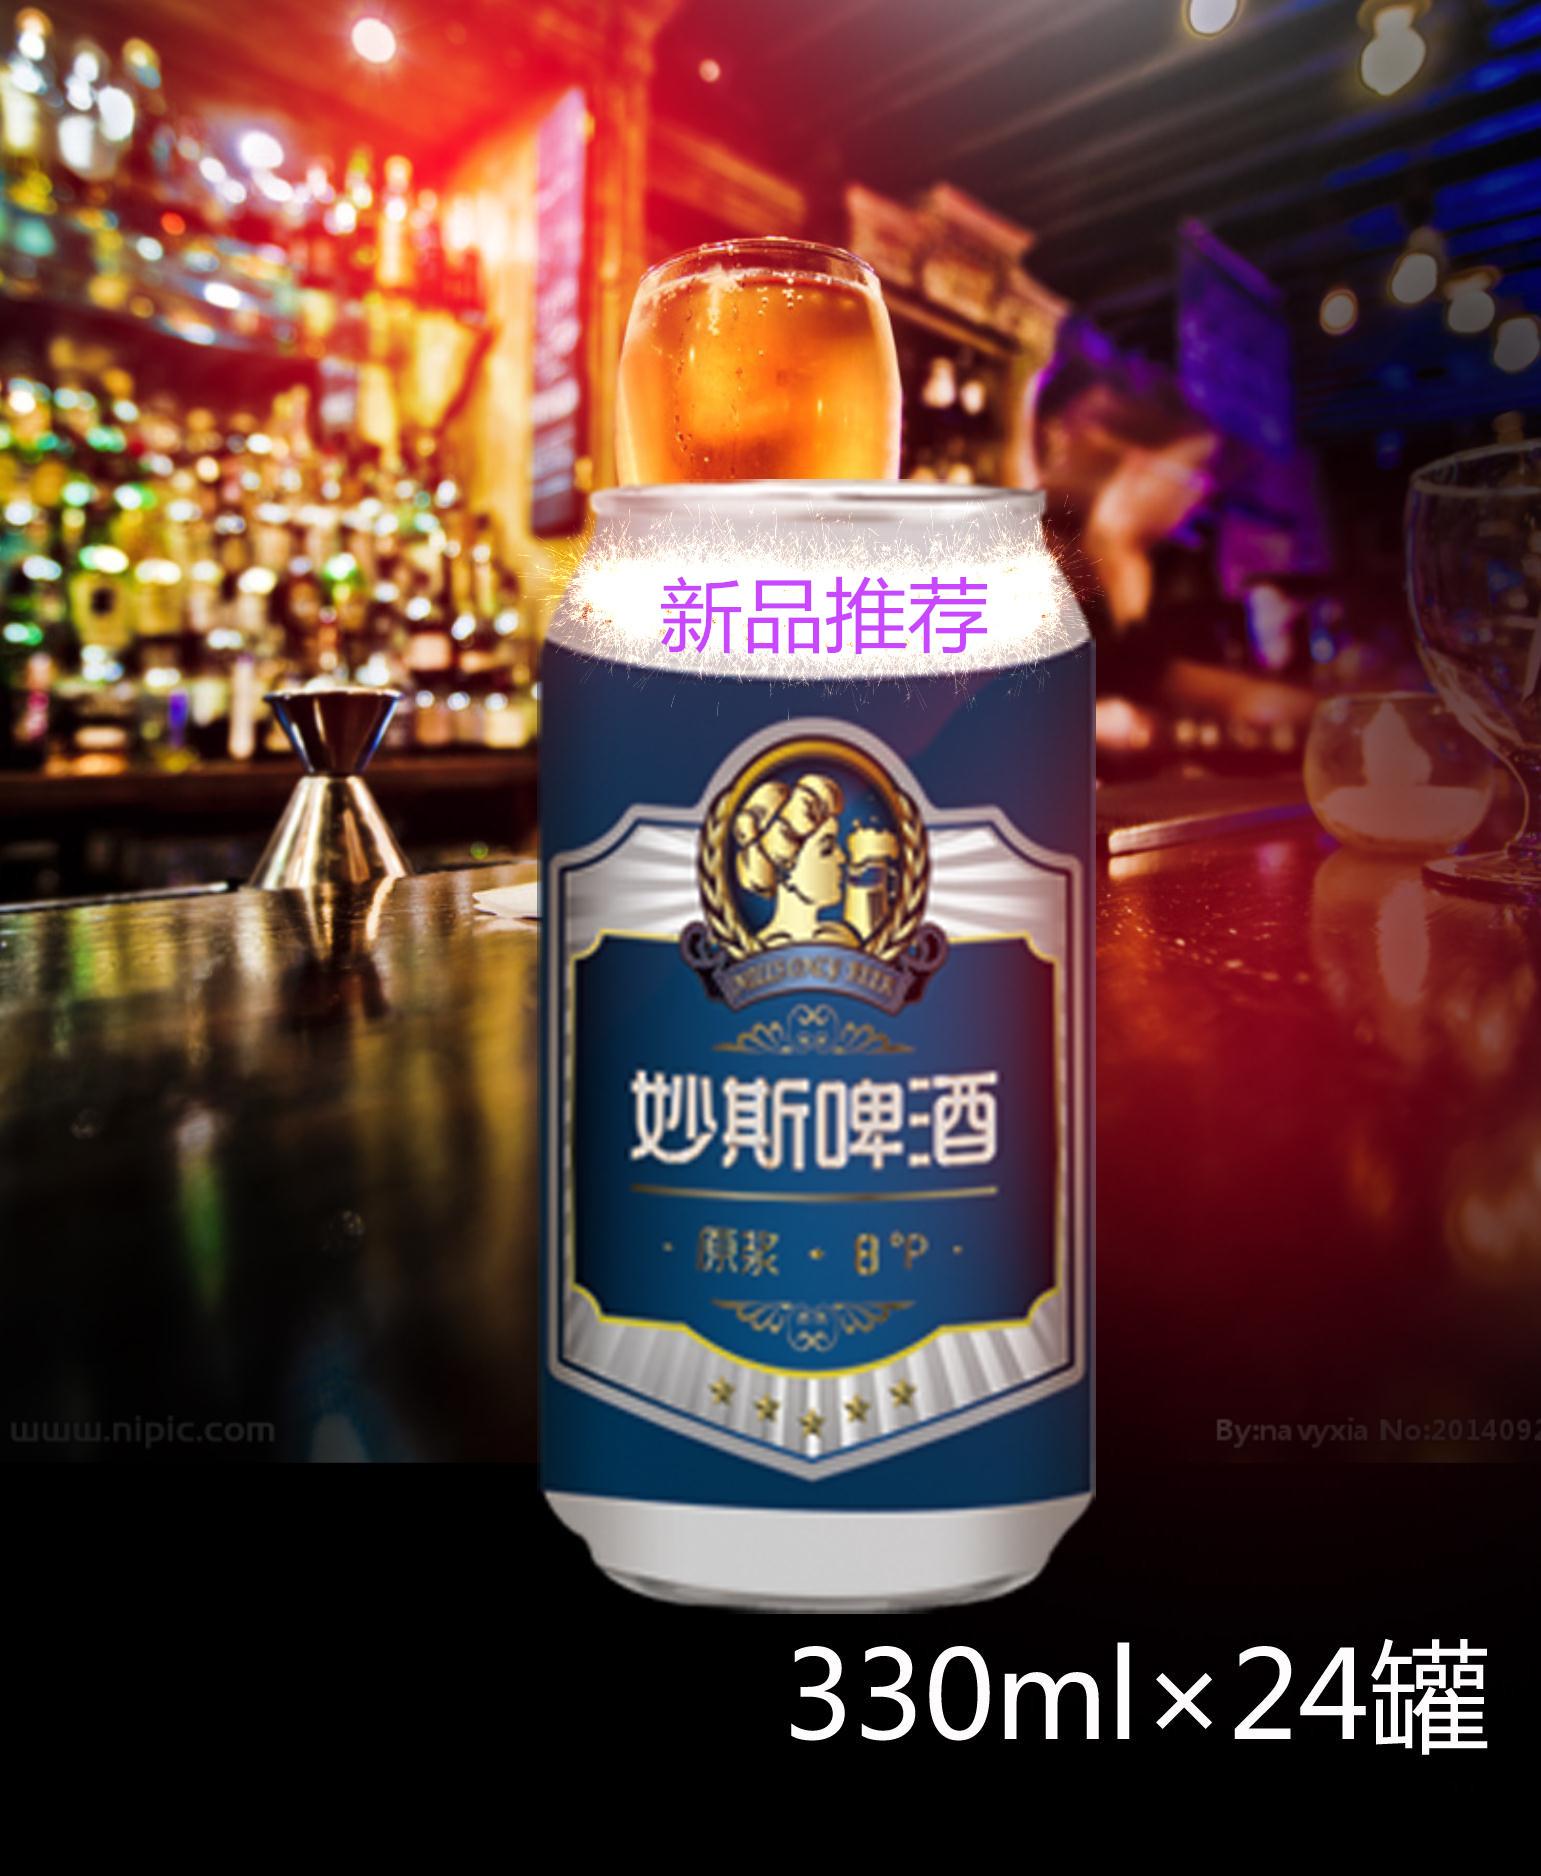 妙斯蓝罐 - 青岛都市一族啤酒有限公司